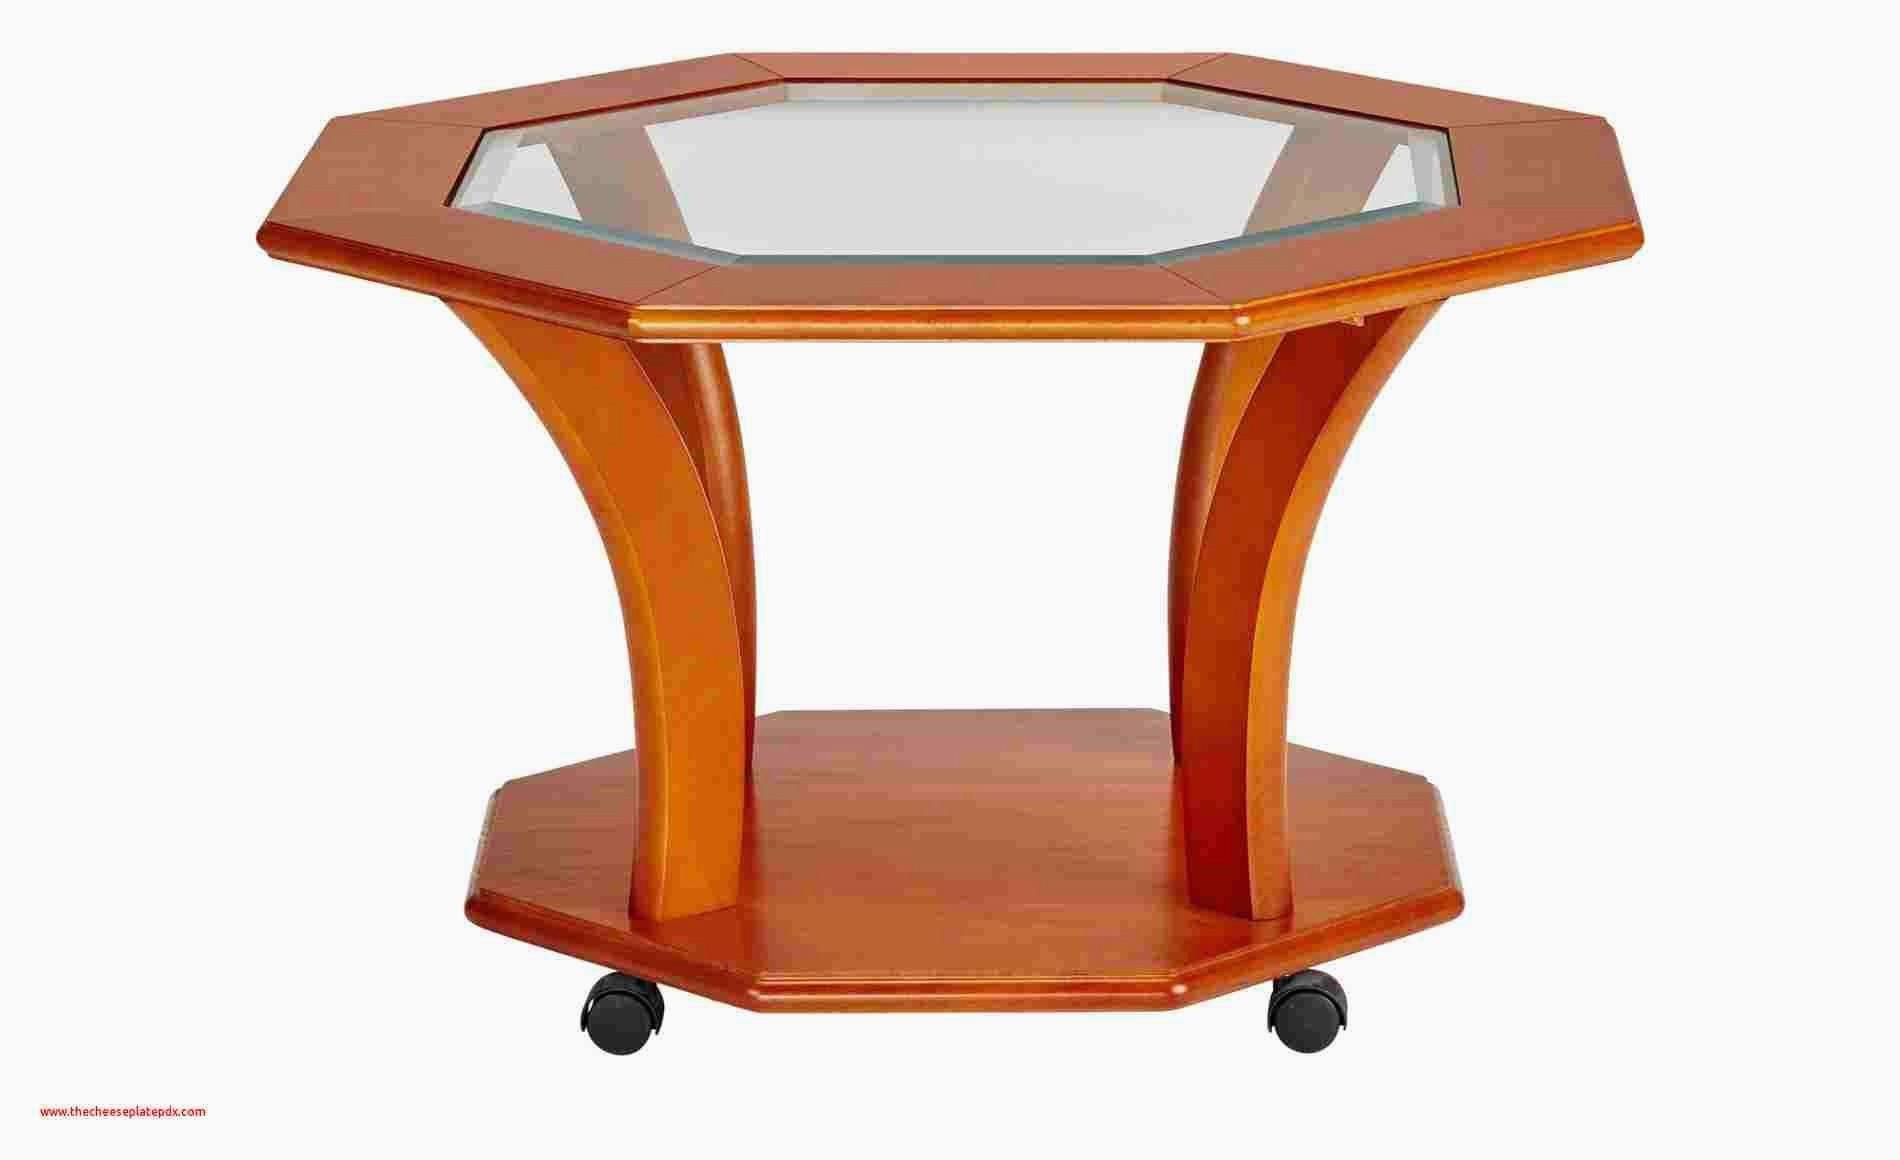 Wohnzimmertisch Holz Glas Inspirierend Vornehm Und